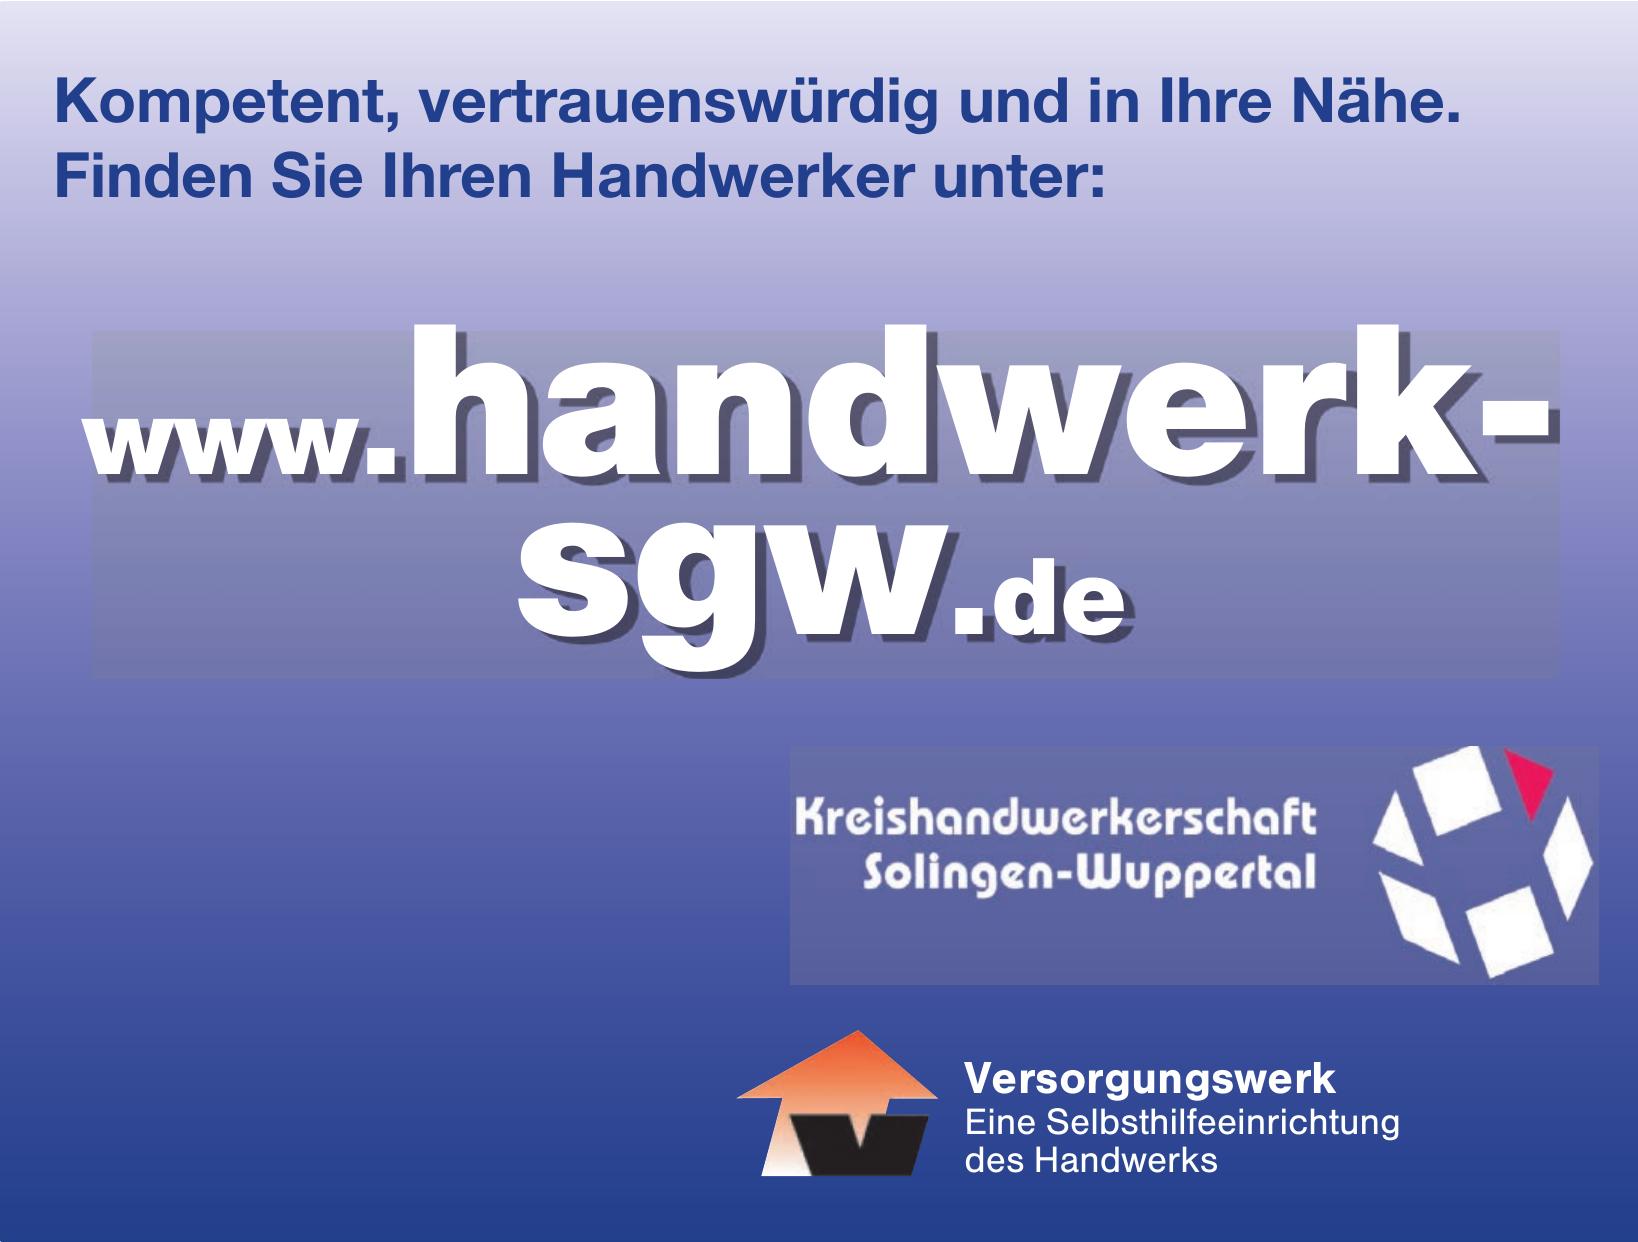 Kreishandwerkerschaft Solingen-Wuppertal